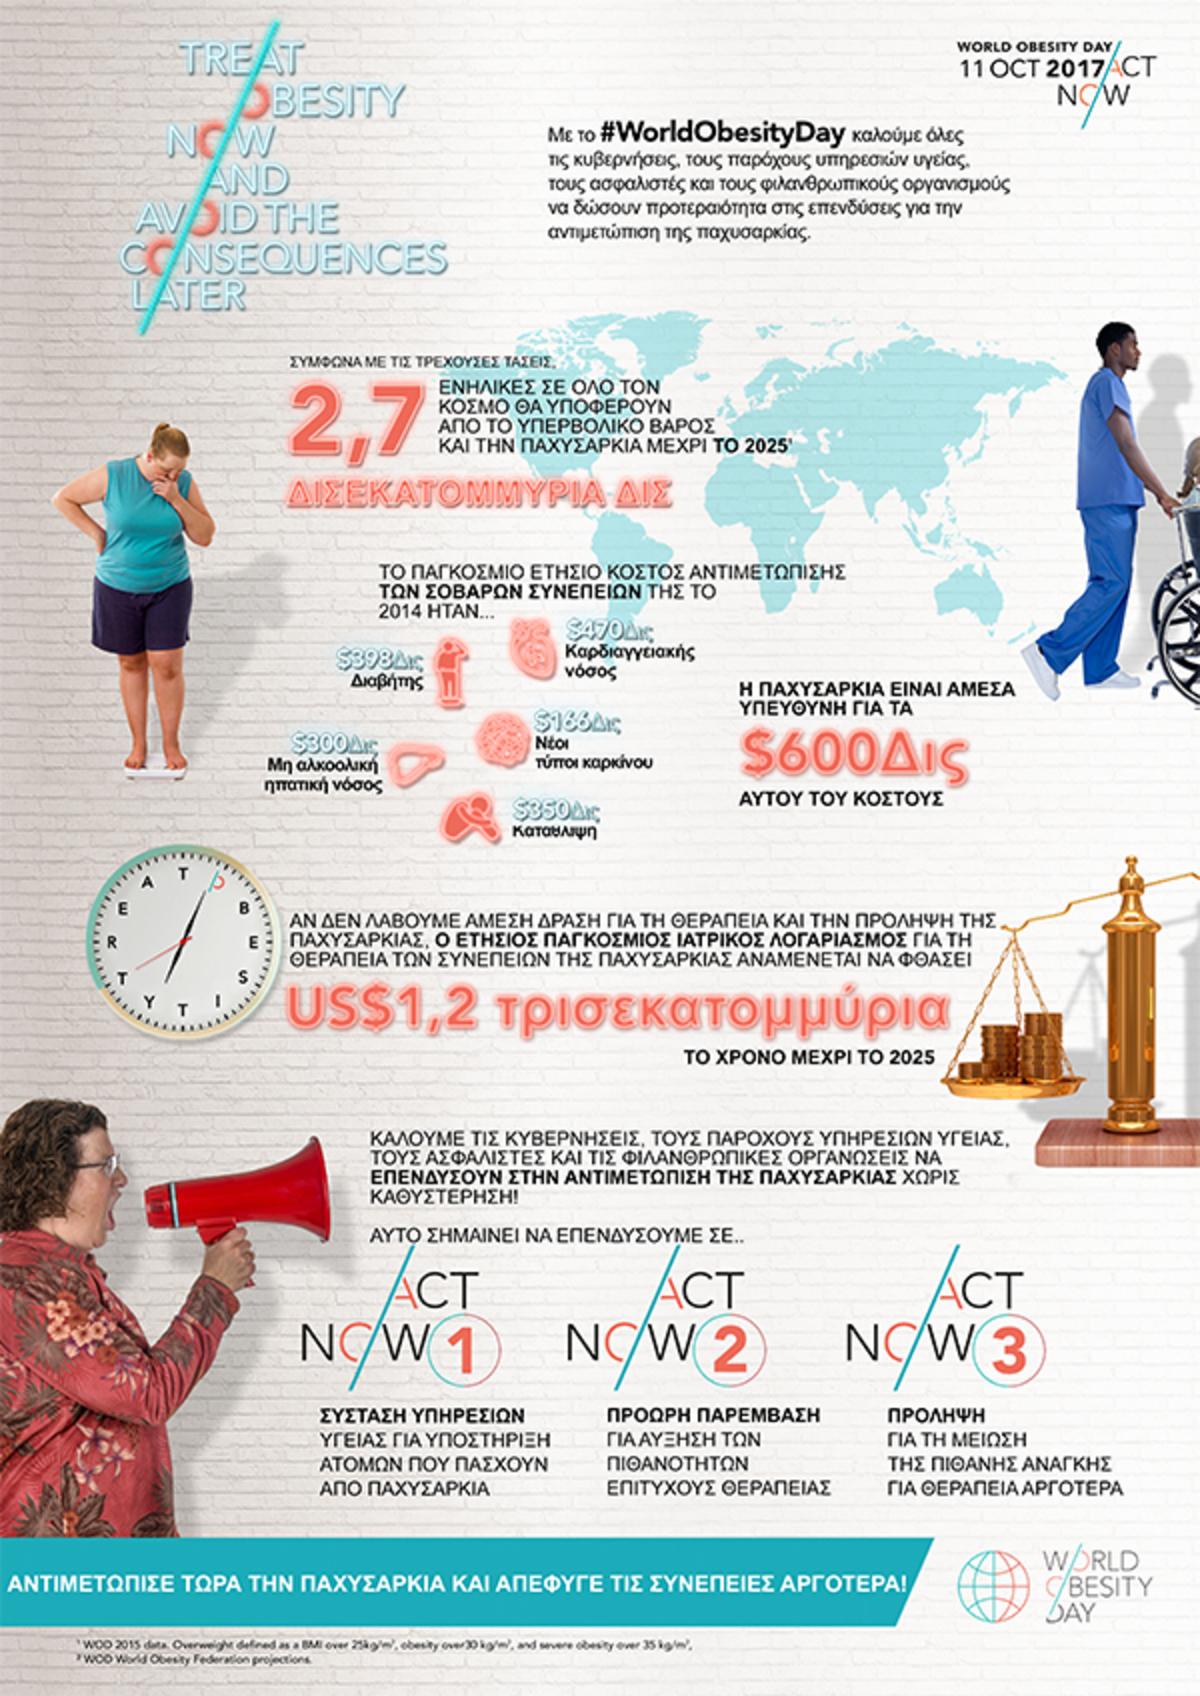 ινφογκραφικ παχυσαρκια